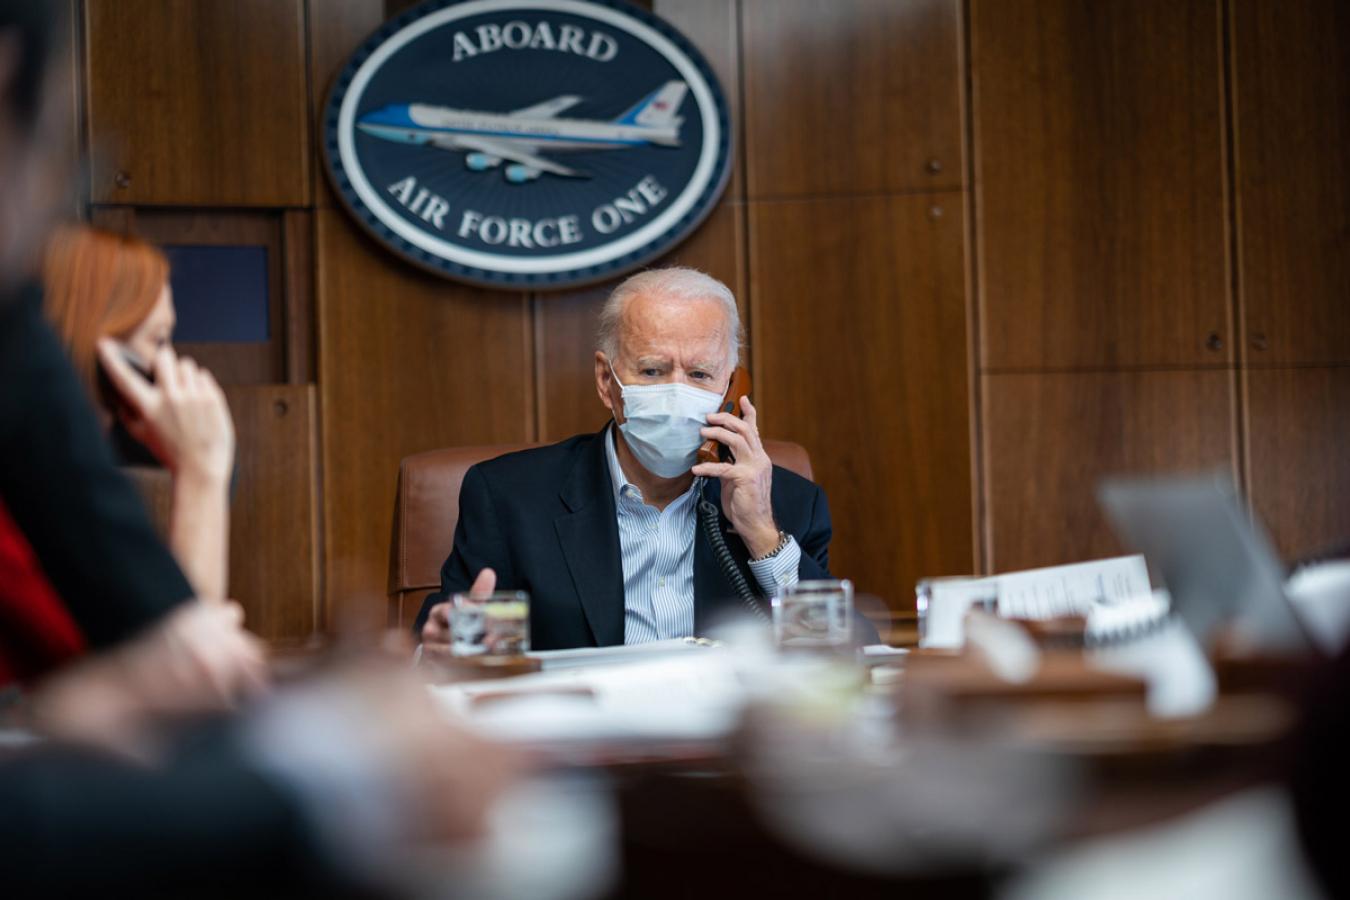 Joe Biden on board Air Force One